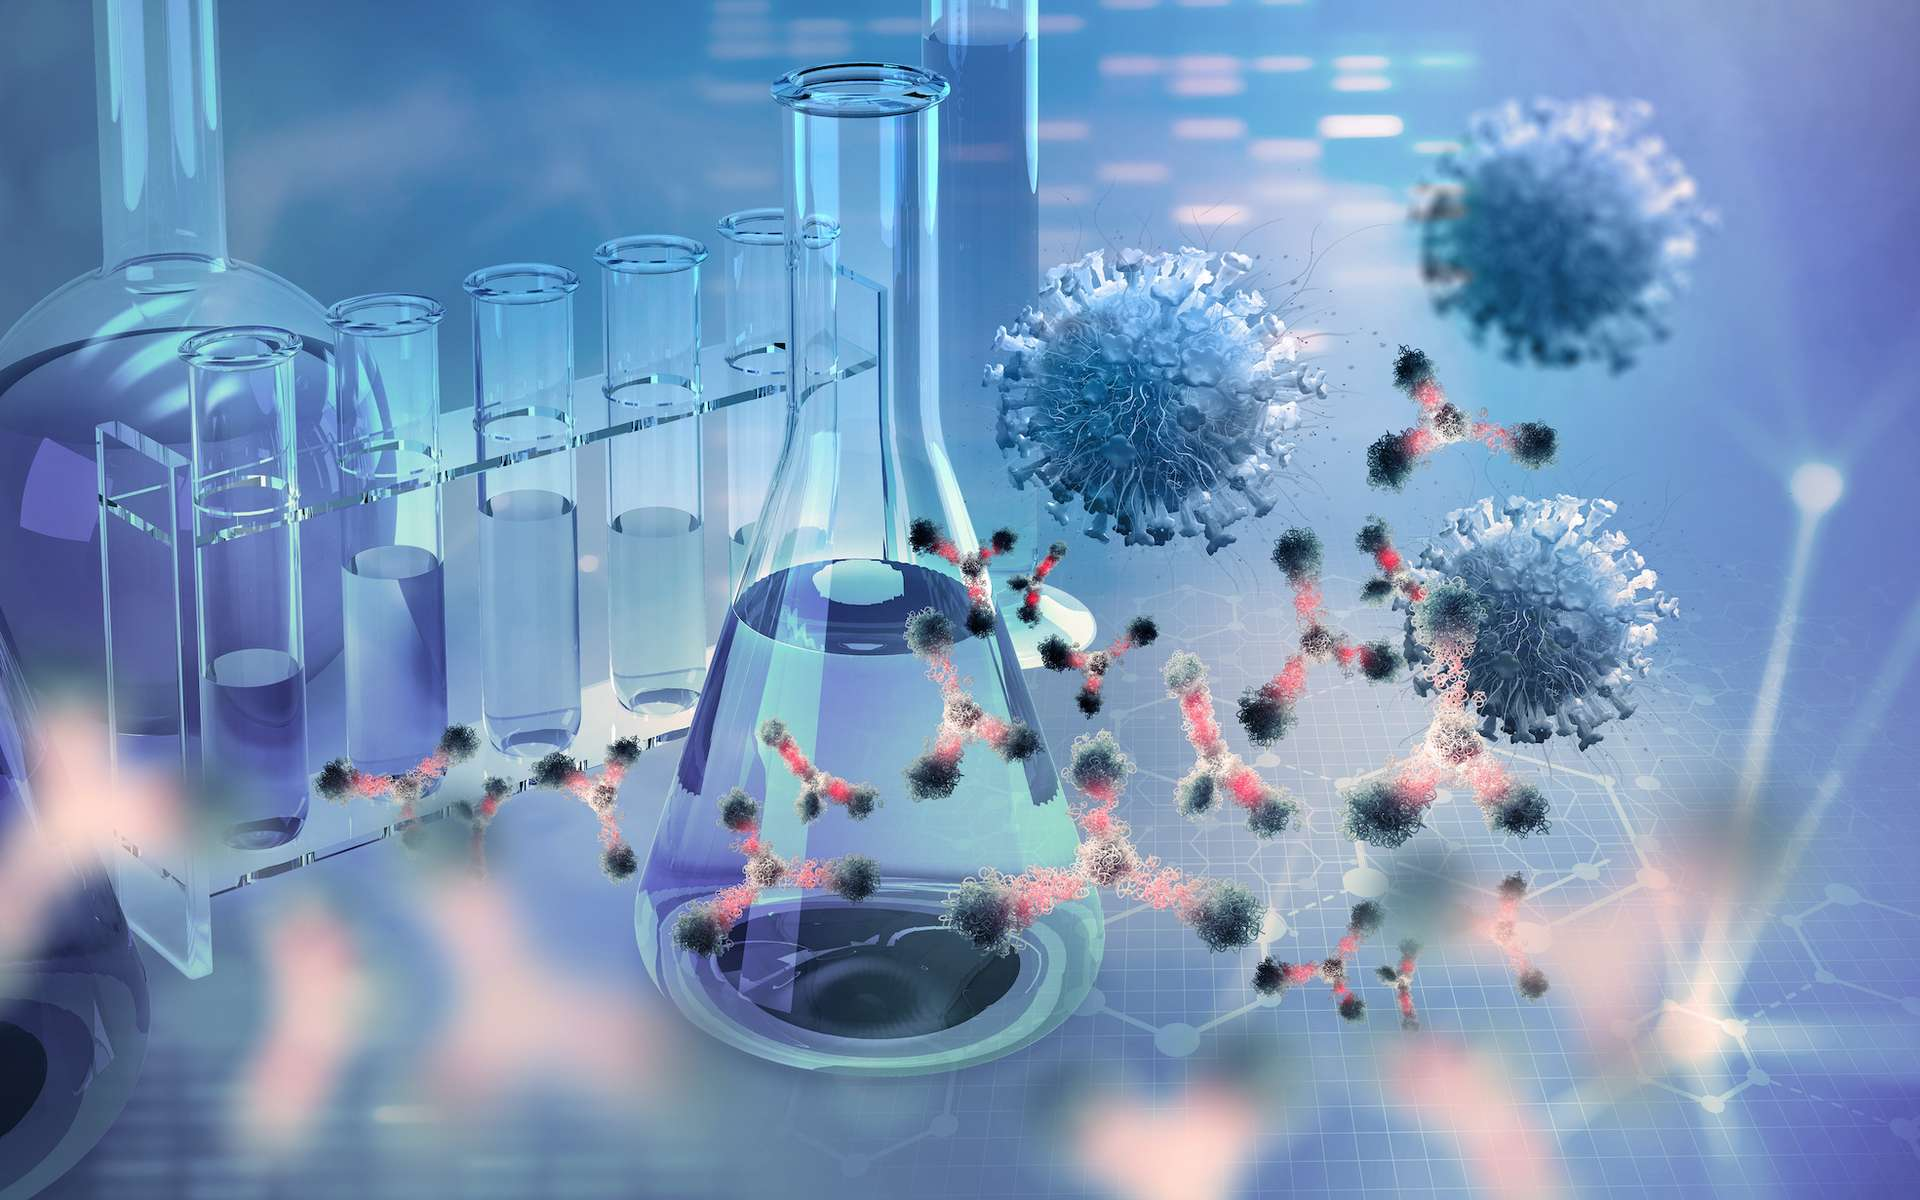 Les cocktails d'anticorps polyclonaux, en prévention ou en traitement curatif de la Covid-19. © Siarhei, Adobe Stock